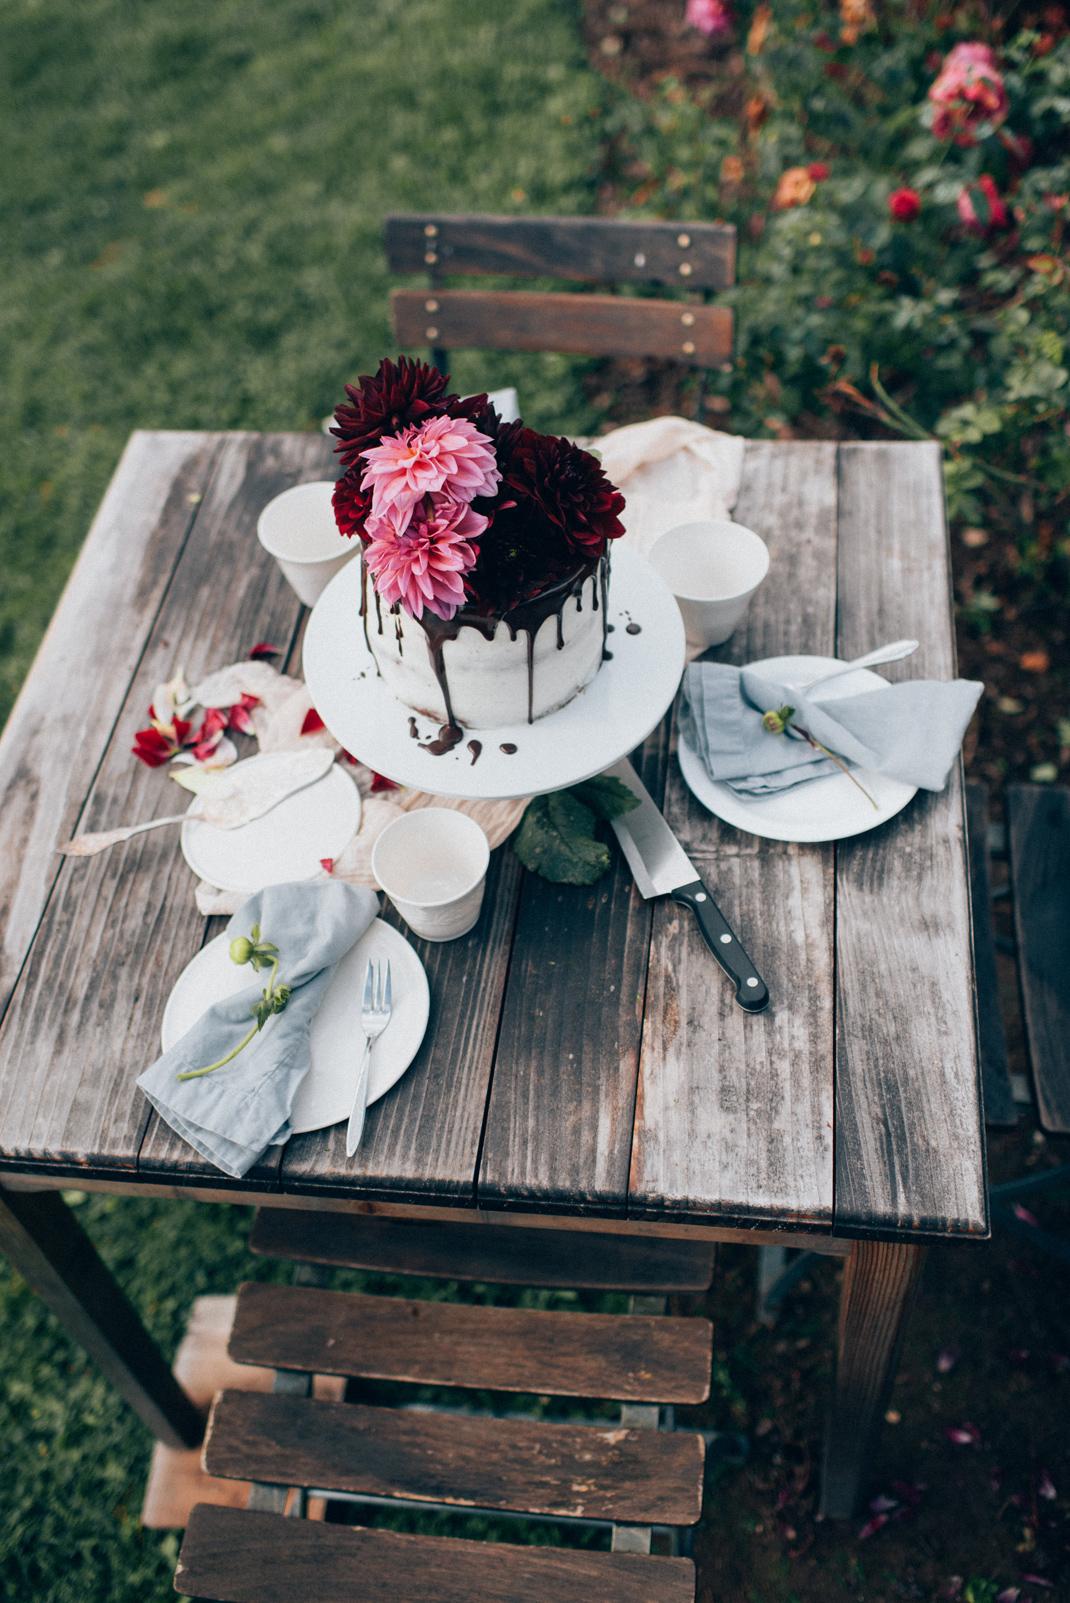 Silvia Fischer. Echte Kuchenliebe. Torte im Blumengarten